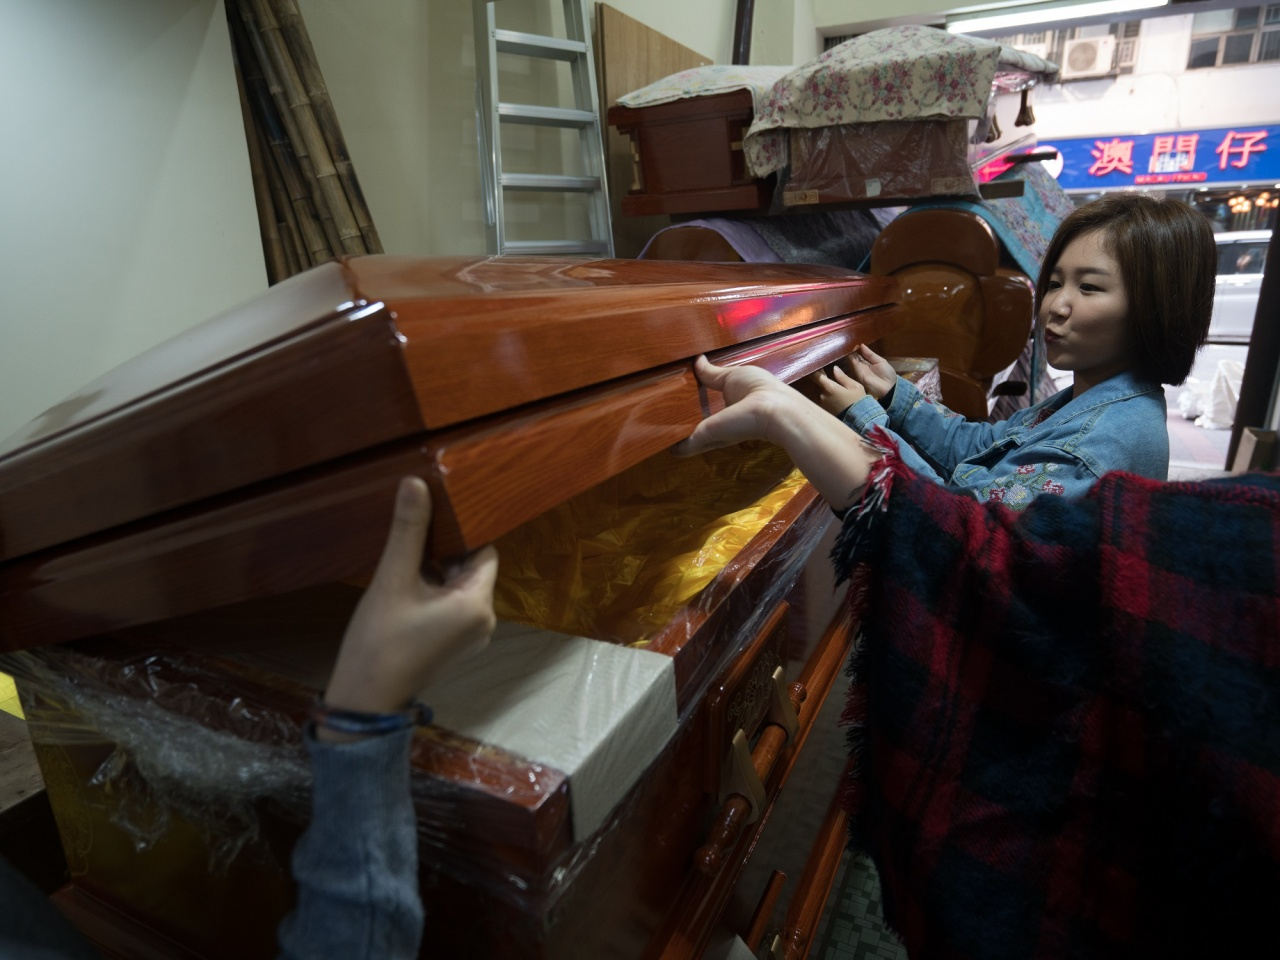 店裡的棺材因應不同的設計款式各有命名,如欖箱、日箱、蝴蝶、蓮花、八底、拱蓋和包角。因為拍攝,陳導演現時對棺木亦甚有認識,廖先生又笑說 欖箱體型龐大,就如大飛般把遺體走私運走。